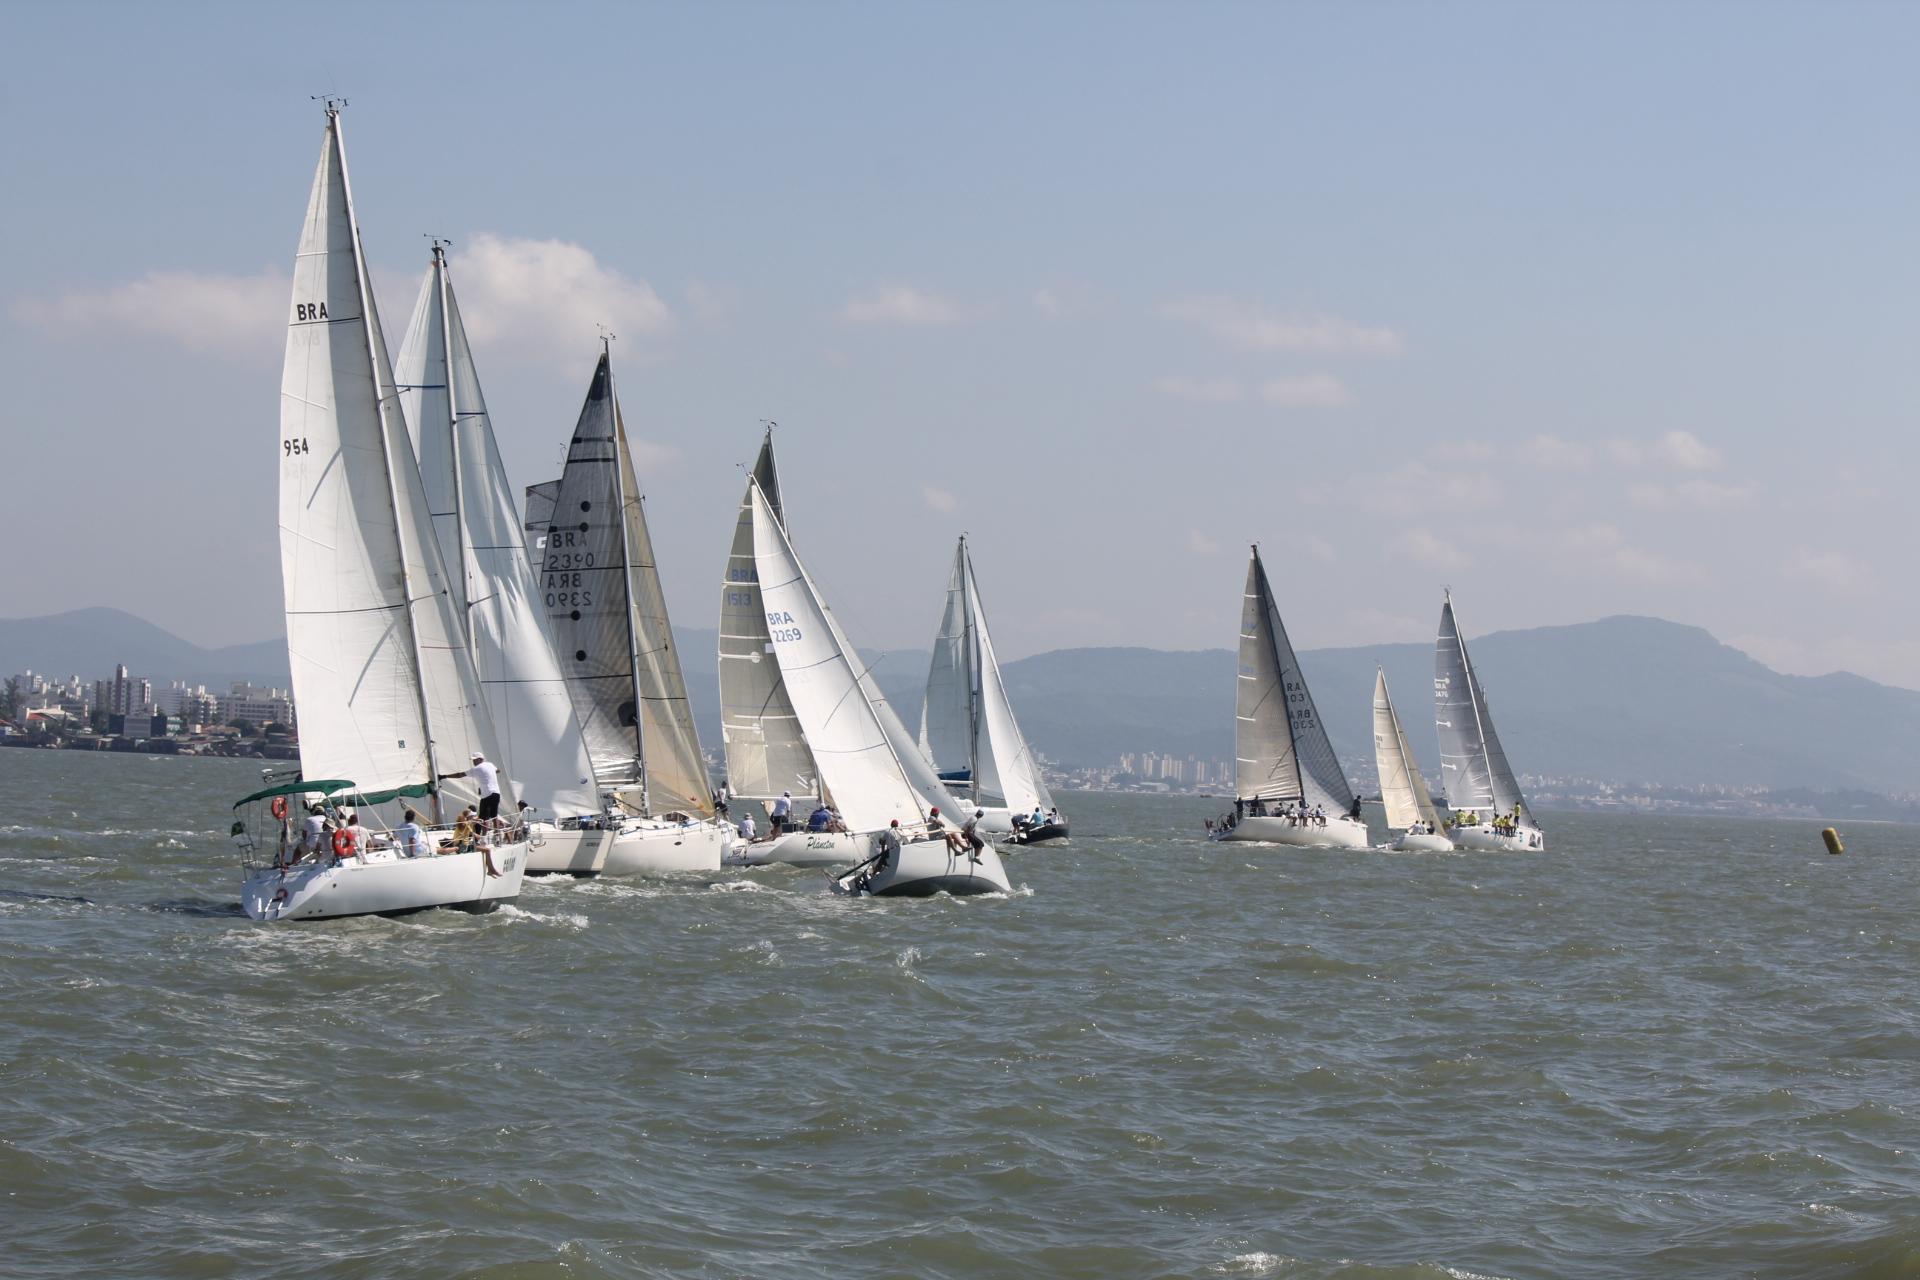 Flotilha oceânica do Iate Clube de Santa Catarina se \ Foto Danilo Caboclo/ICSC